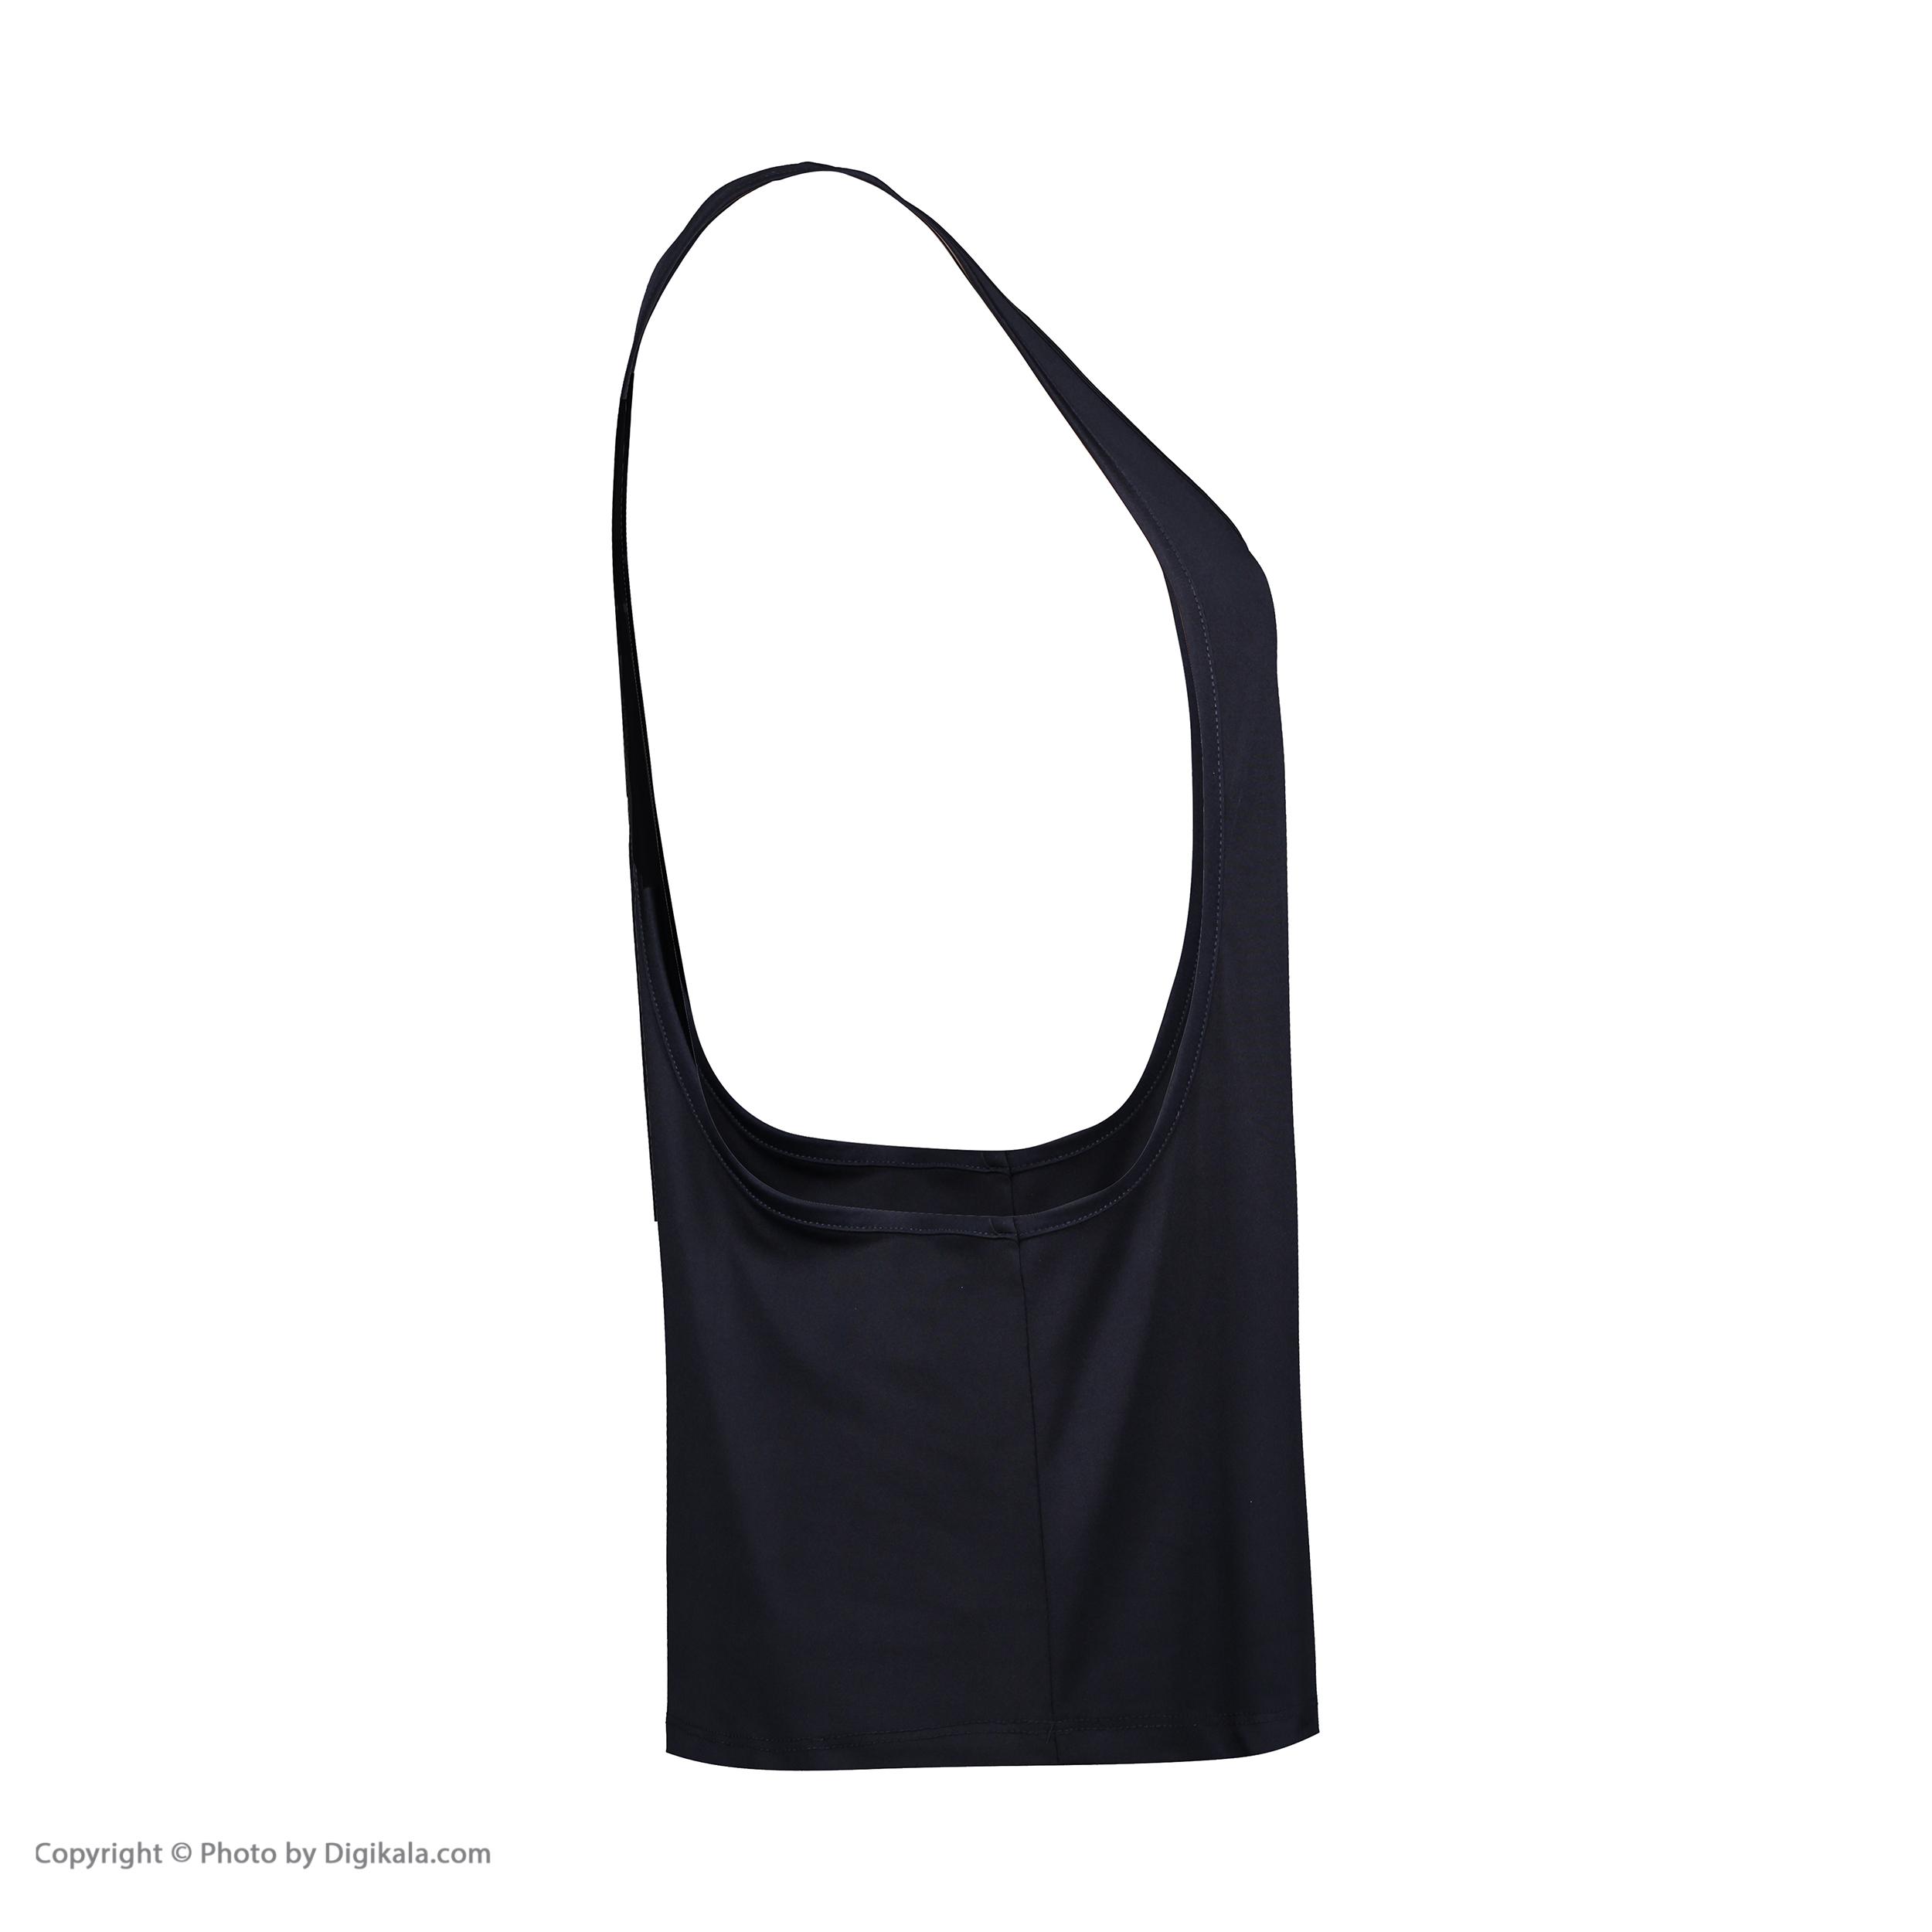 تاپ ورزشی زنانه آر ان اس مدل 1101103-59